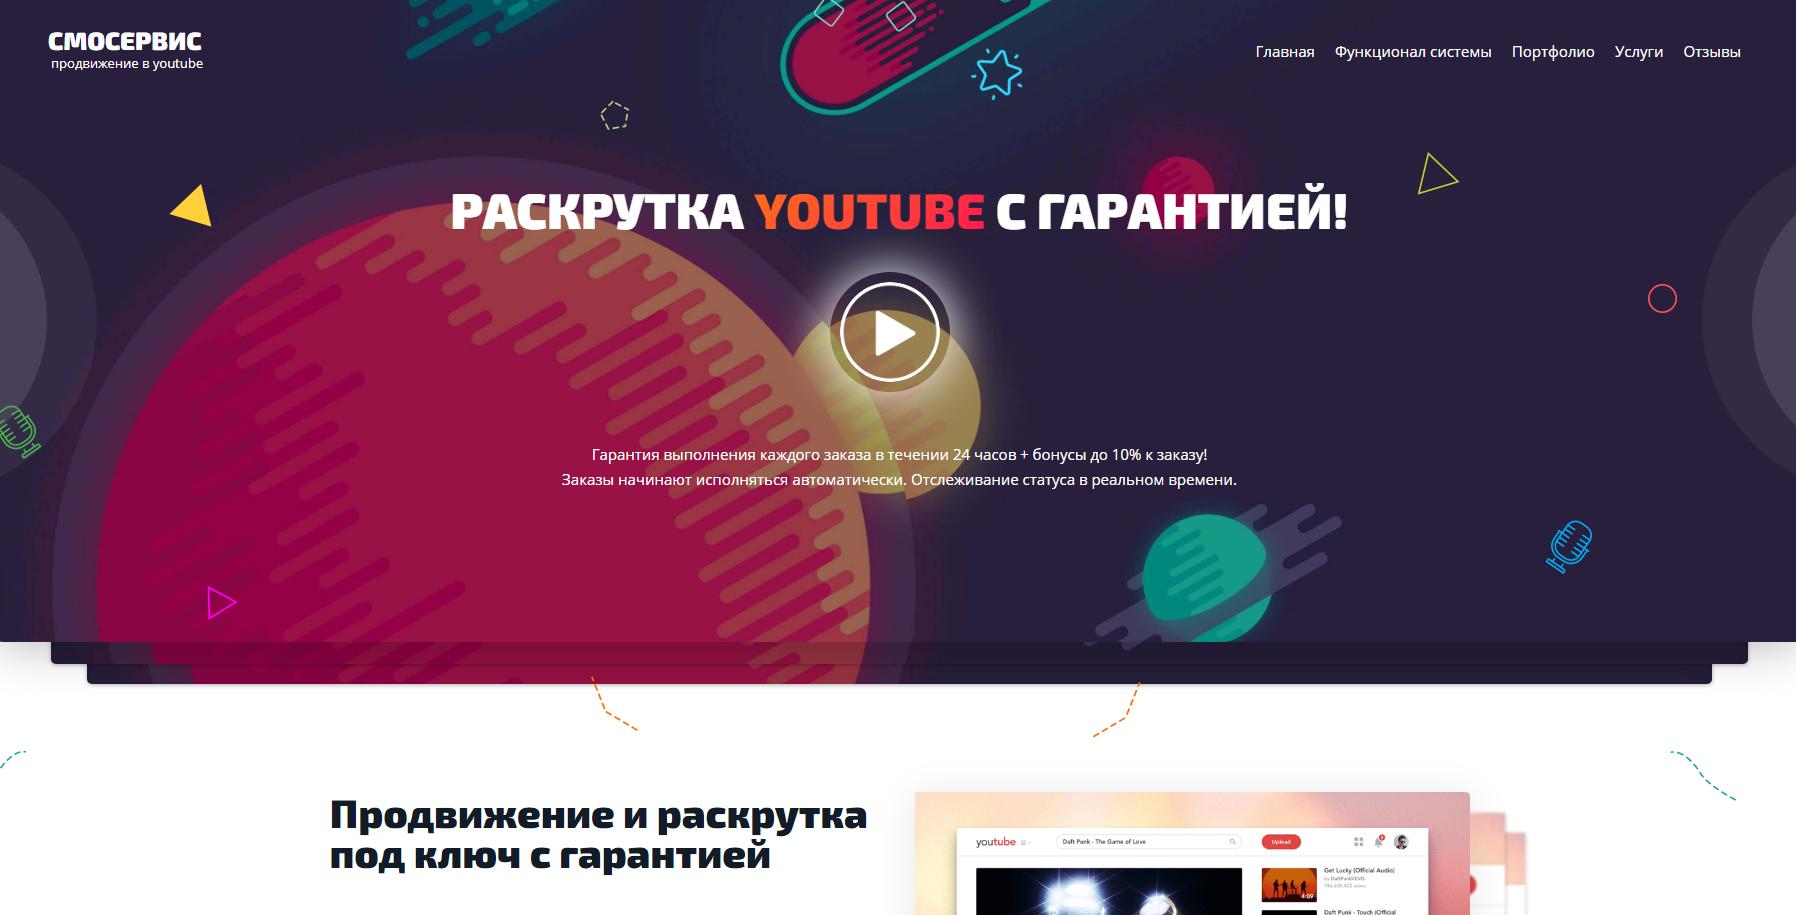 Раскрутка сайта с гарантией Кирсанов создания ajax сайта